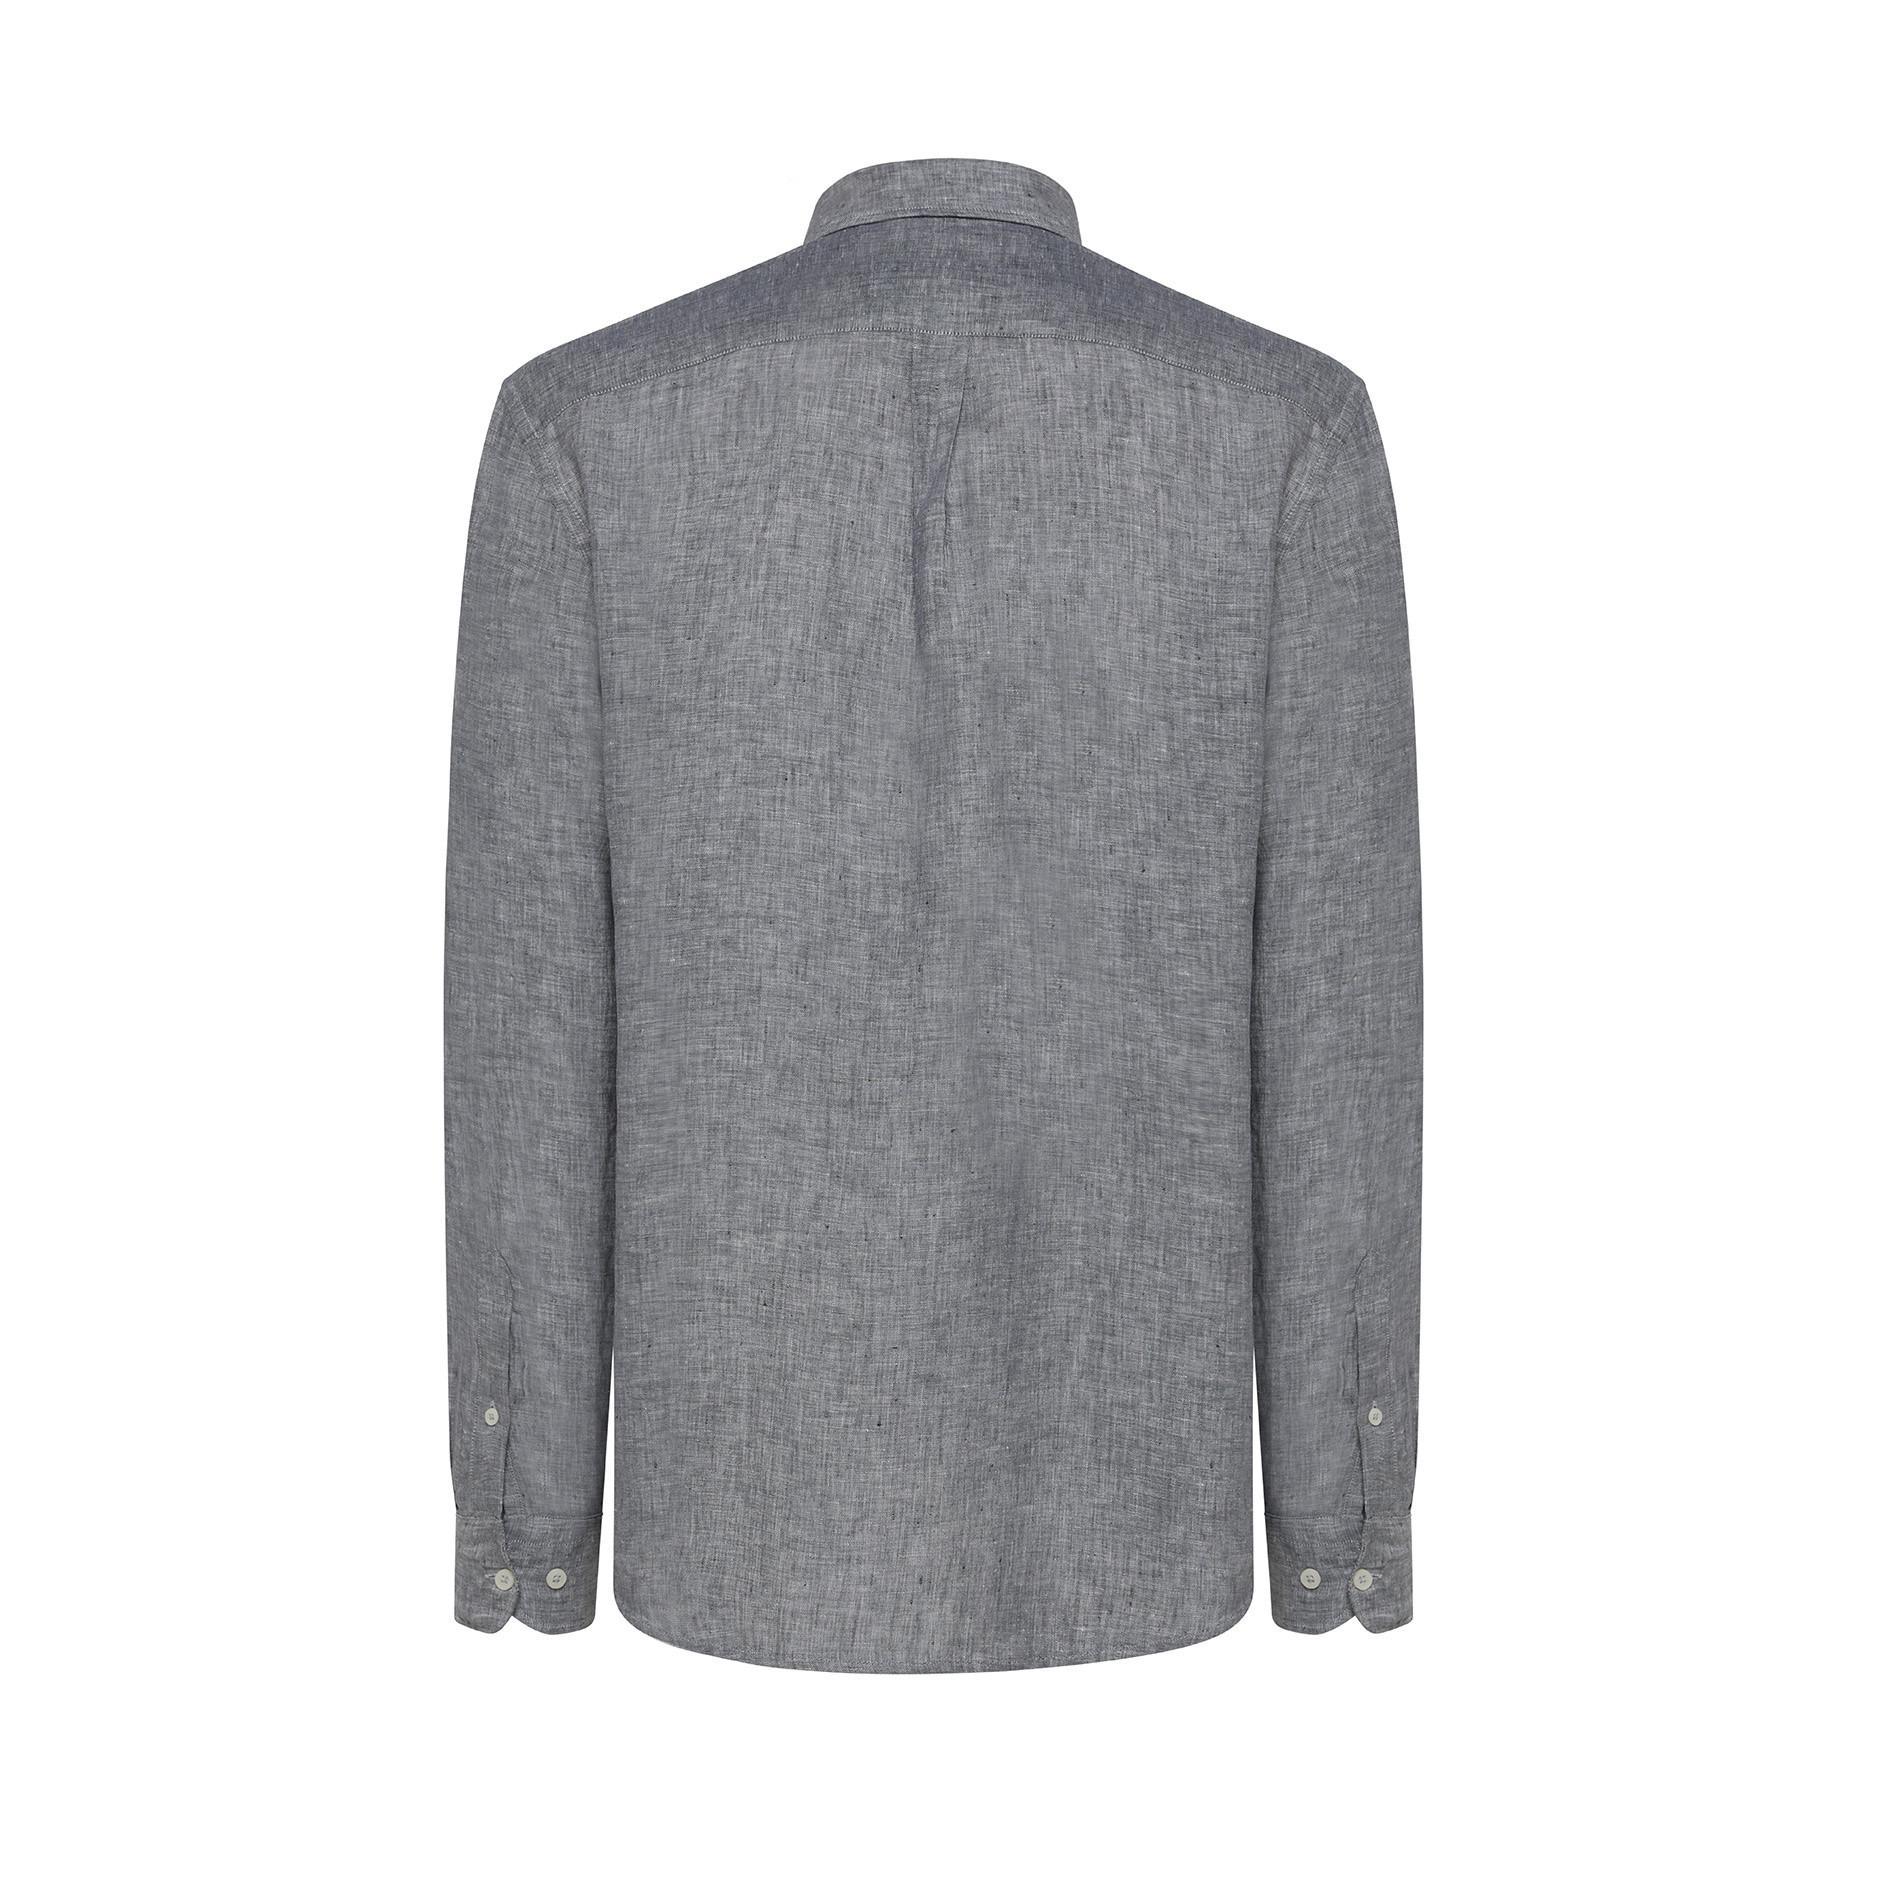 Camicia puro lino tailor fit Luca D'Altieri, Grigio, large image number 1